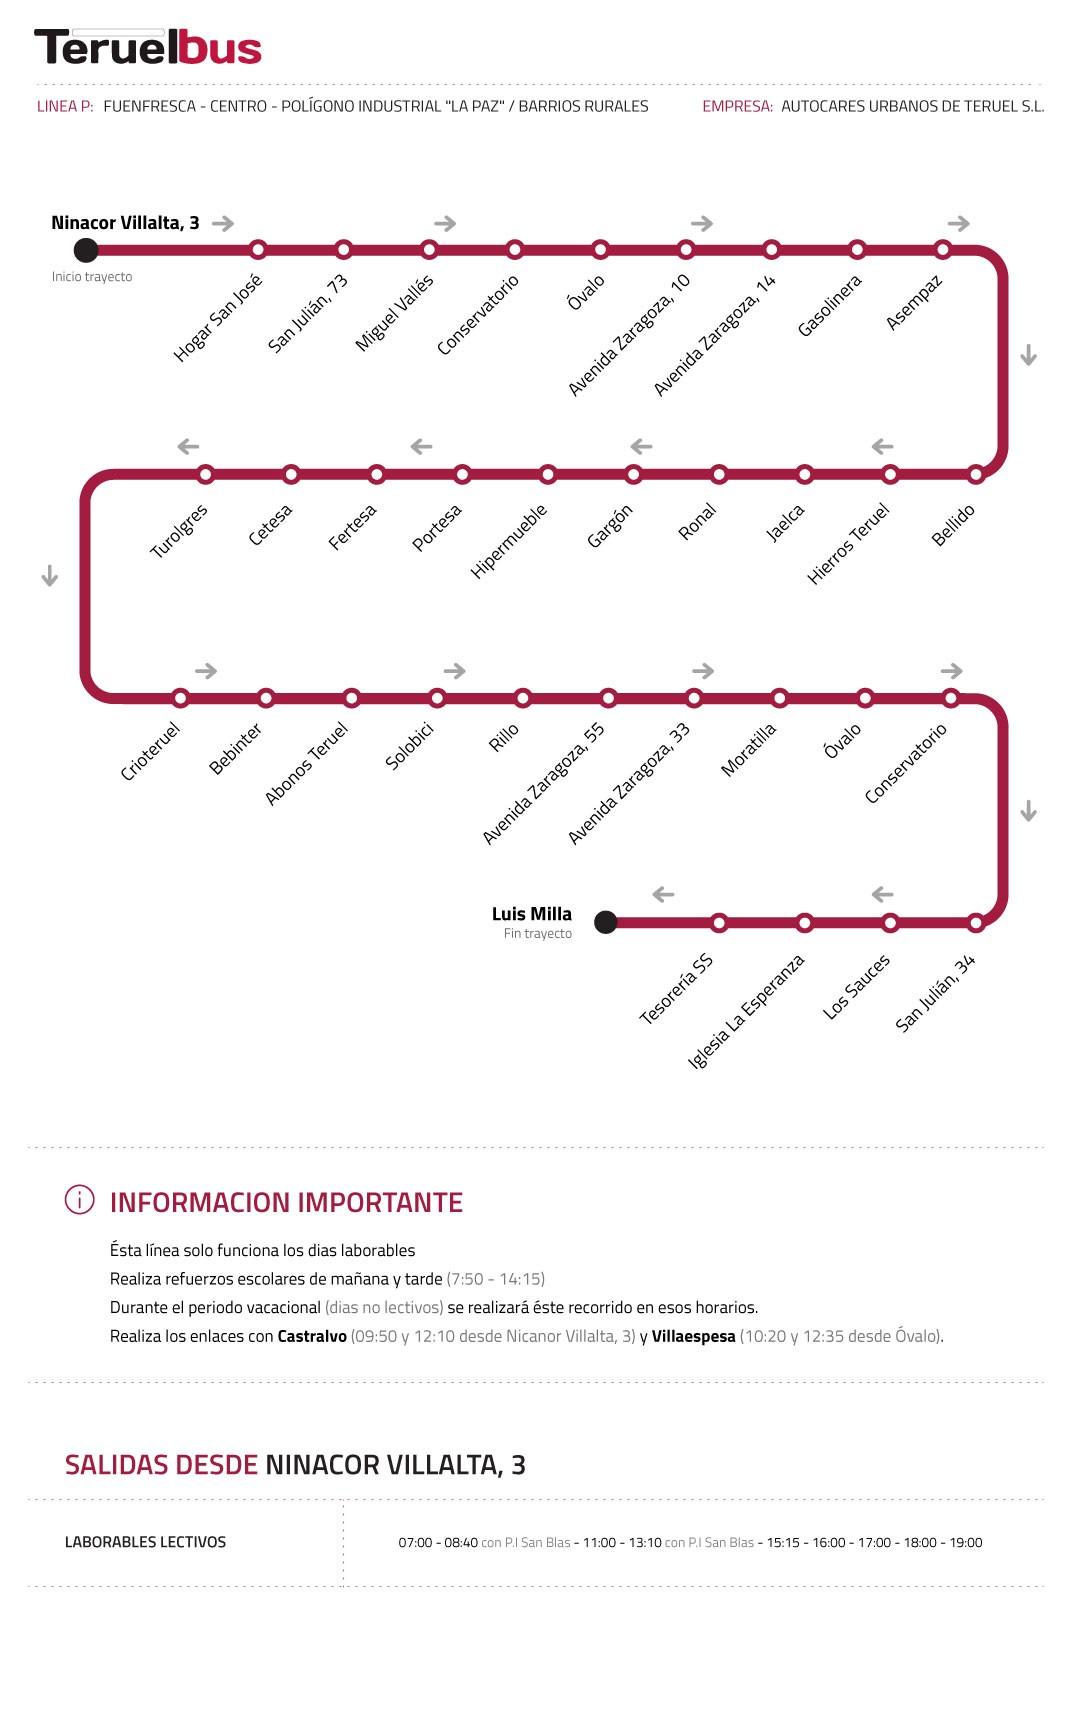 """Fuenfresca - Centro - Polígono industrial """"La paz"""" / Barrios Rurales"""